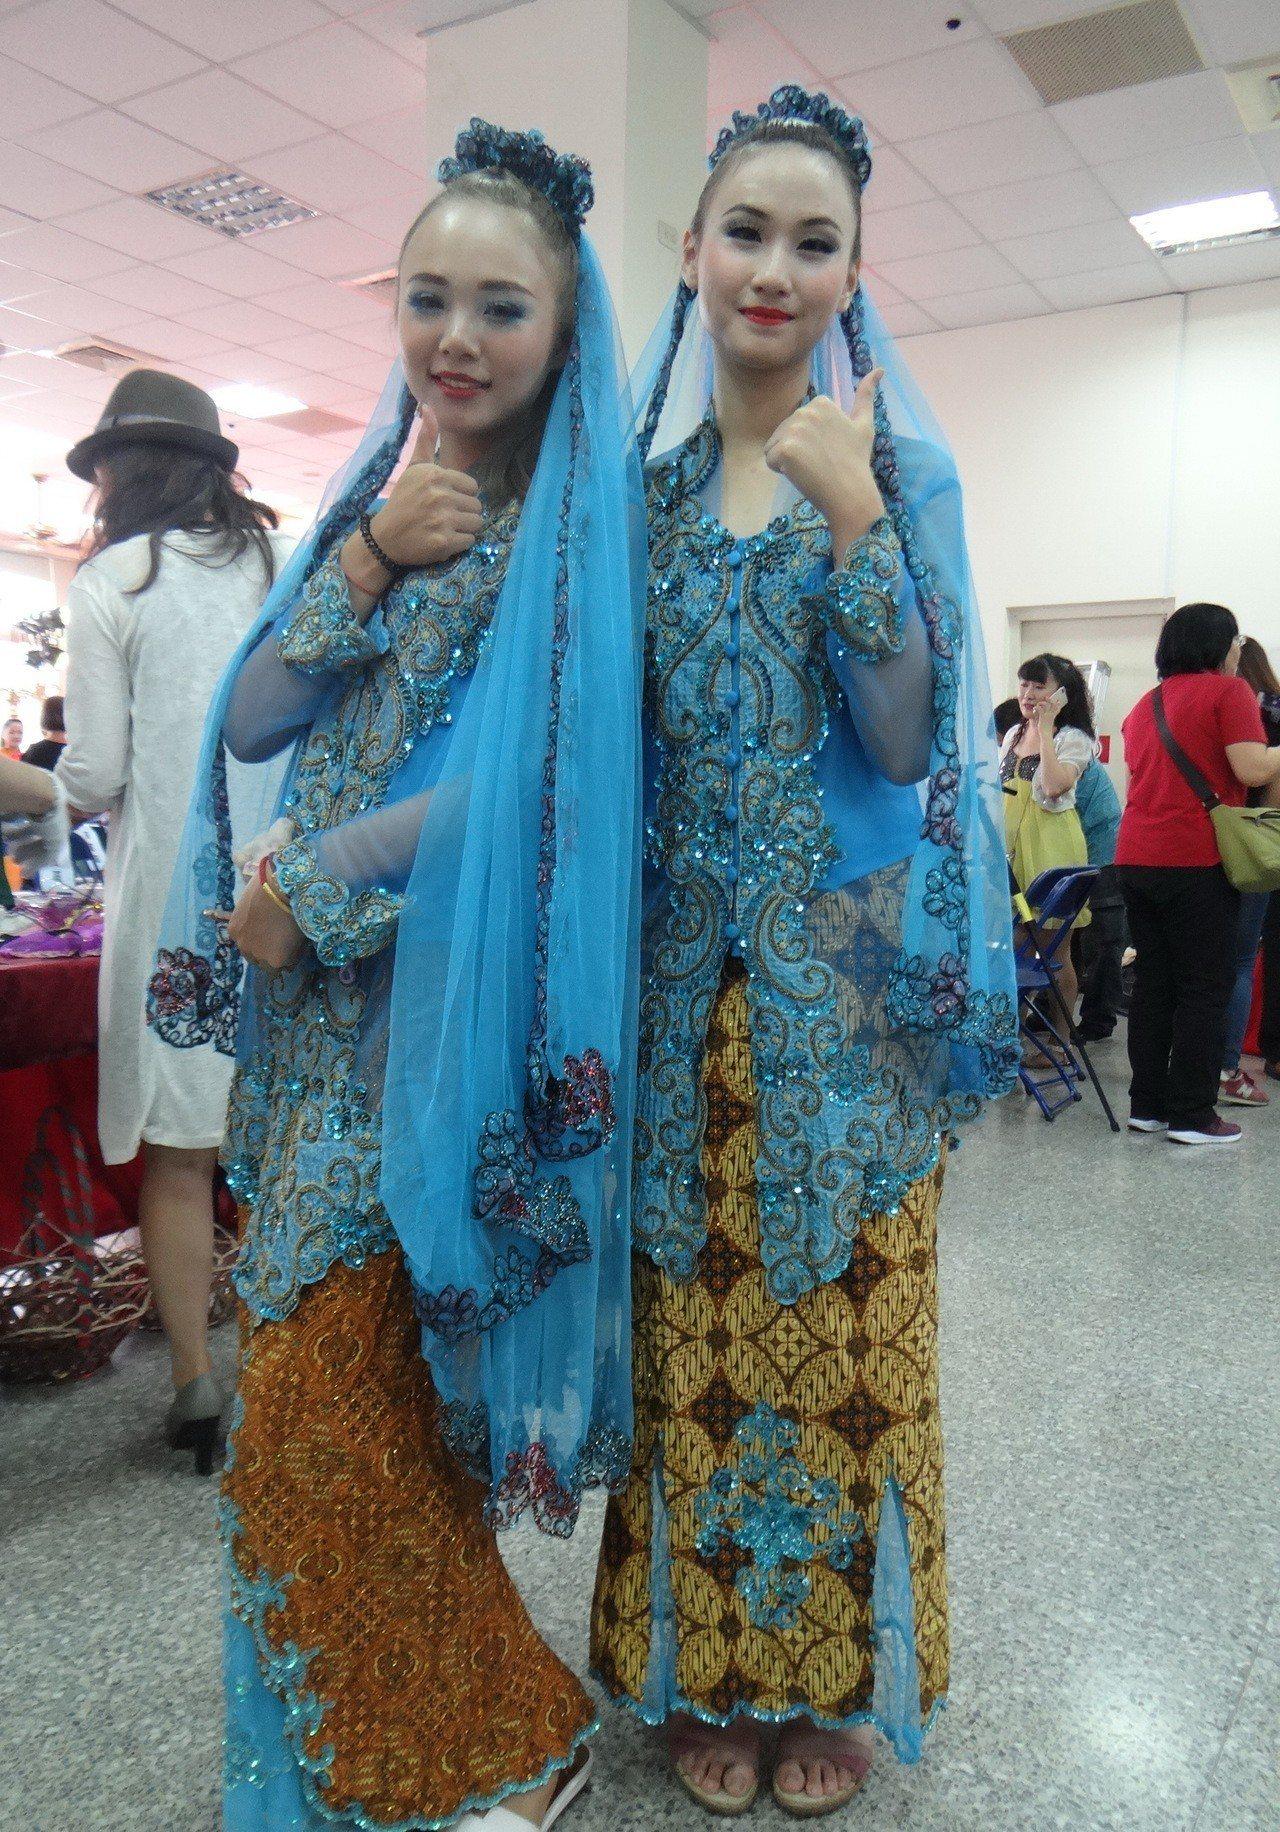 印尼媽媽以本國美麗的服裝,表演動人的舞蹈和走秀。記者蔡維斌/攝影